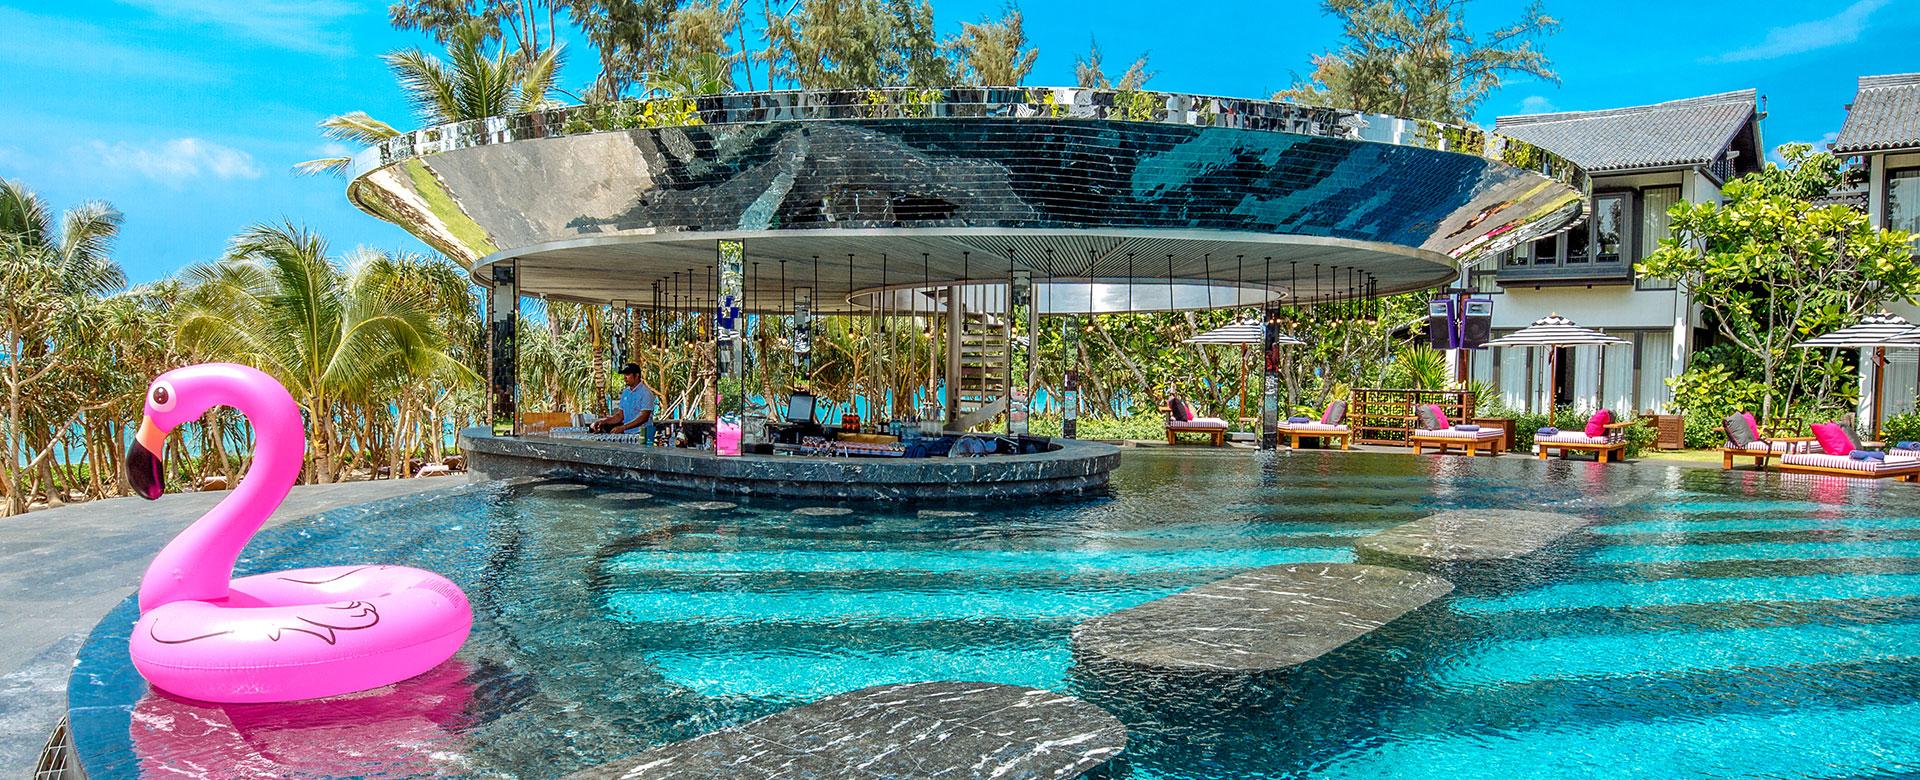 15-Over-View-Baba-Beach-Club-Phuket-Khok-Kloi-Best-Luxury-Beach-resort-Hotel